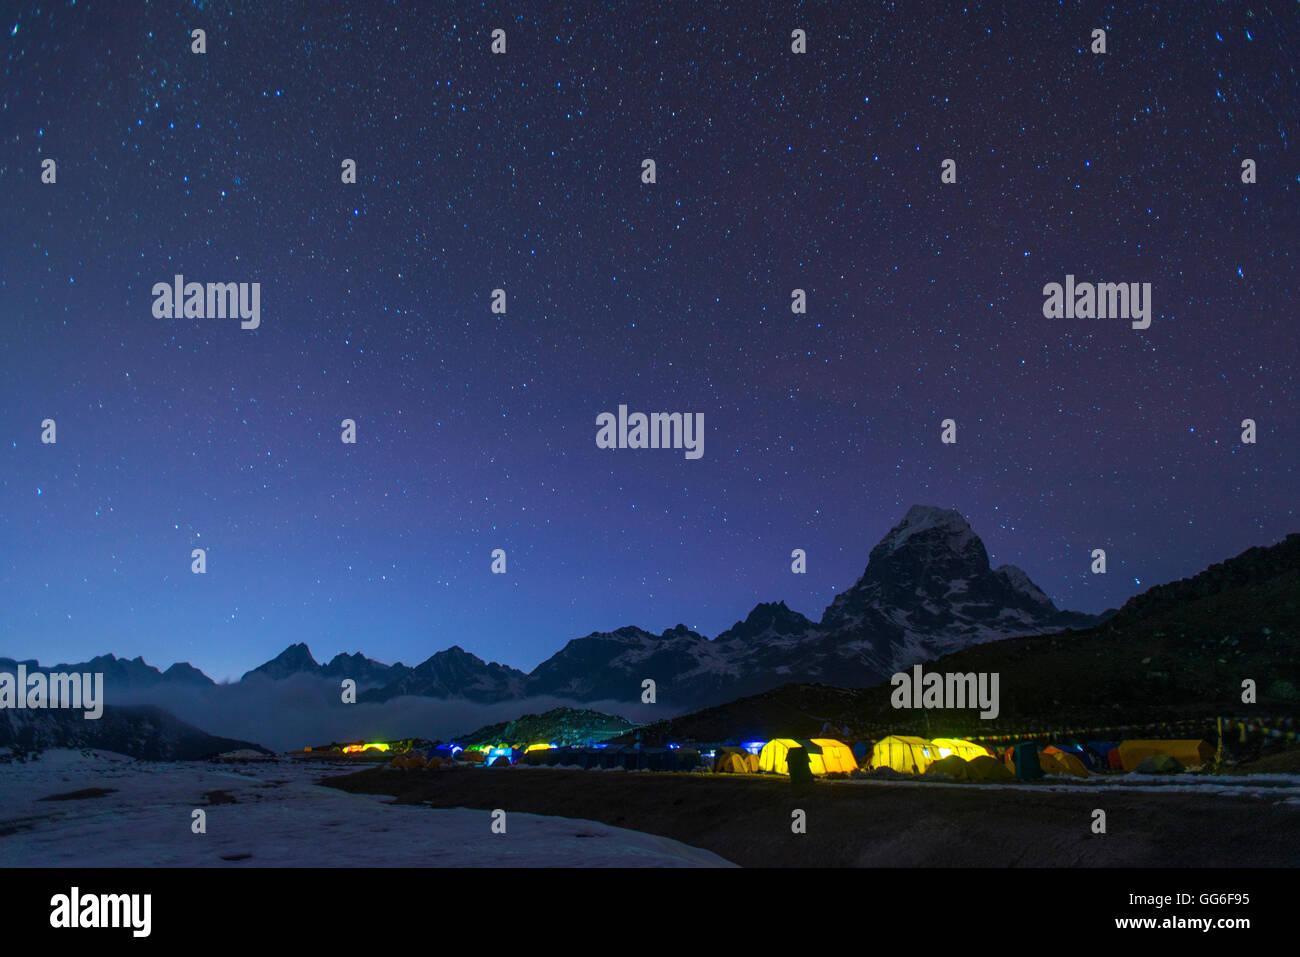 Ama Dablam Basislager in der Everest Region leuchtet in der Dämmerung, Himalaya, Nepal, Asien Stockbild